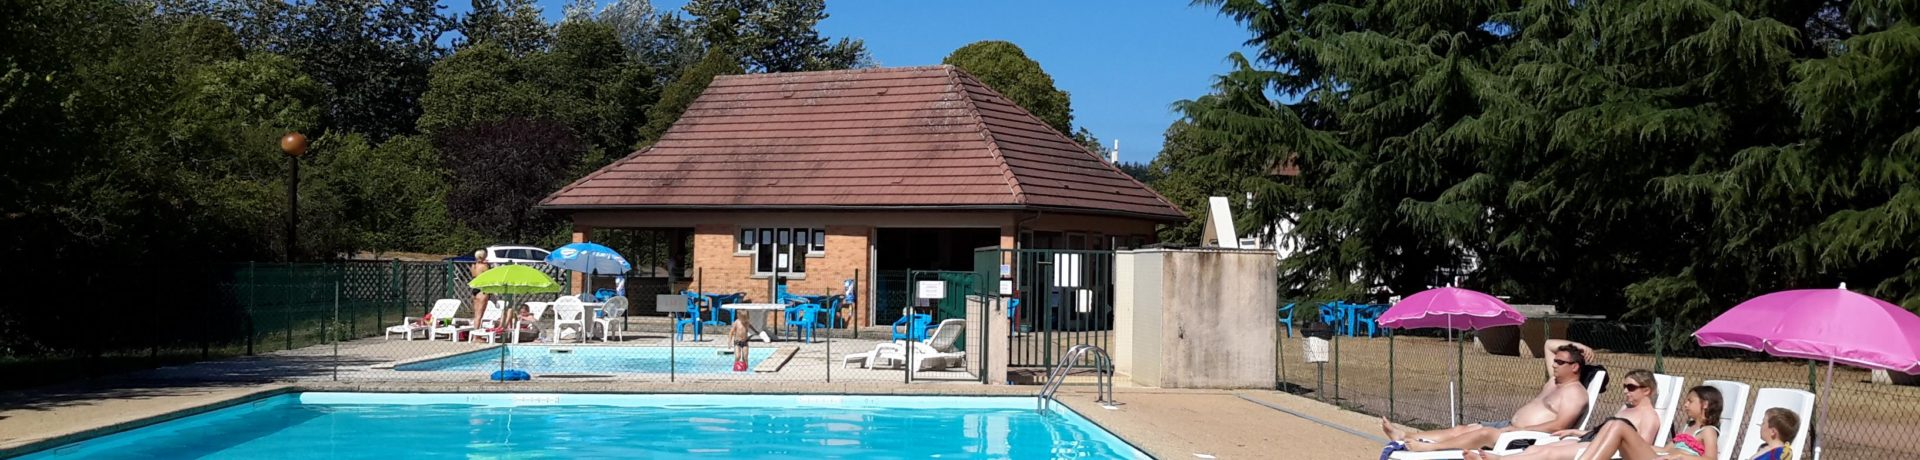 Camping de Saulieu is een mooie groene camping met zwembad en tennisbaan gelegen in het prachtige natuurpark de Morvan in de prachtige Bourgogne.